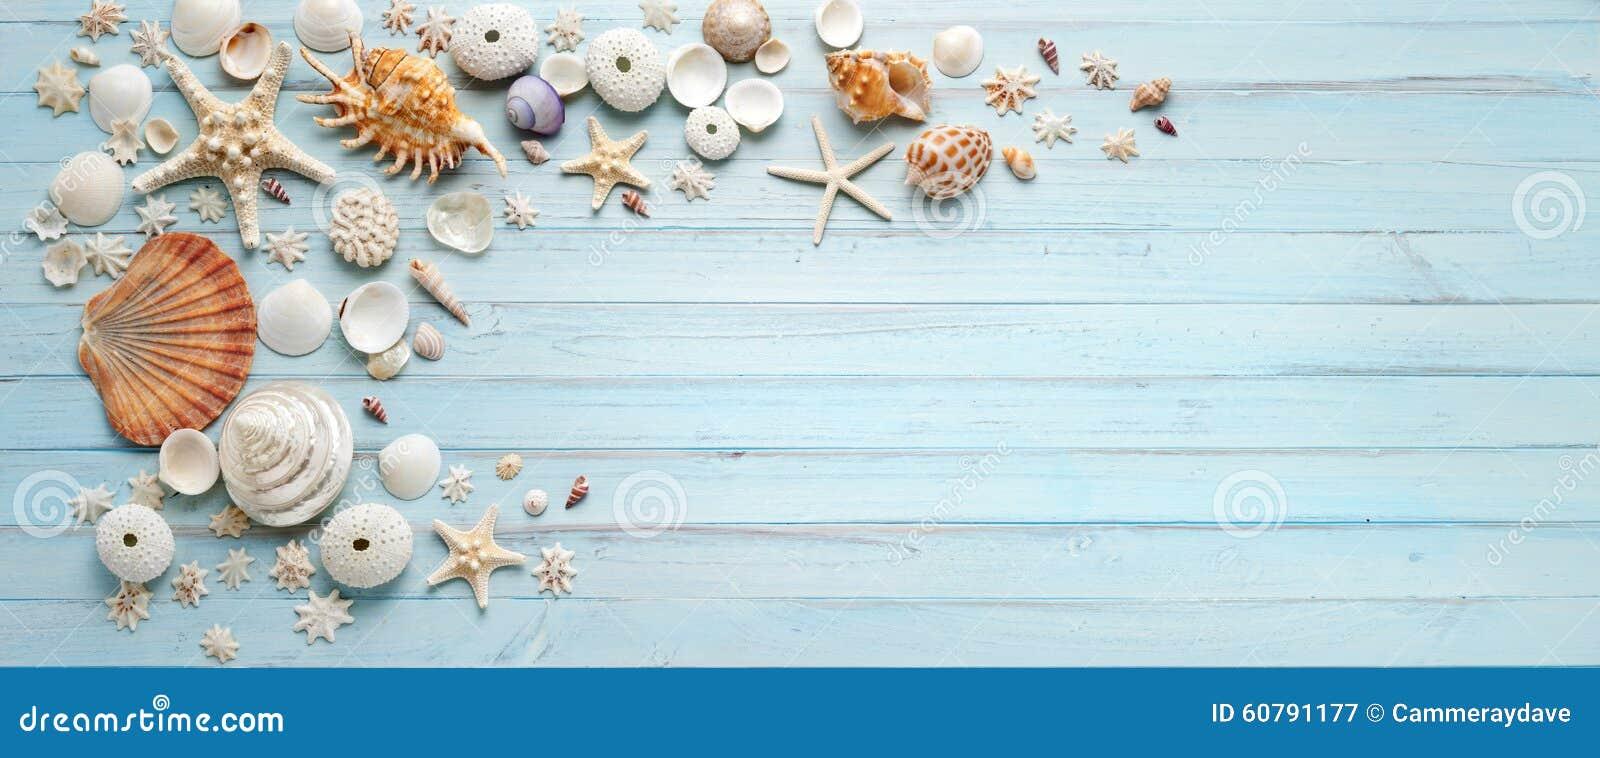 Μπλε ξύλινο υπόβαθρο κοχυλιών εμβλημάτων